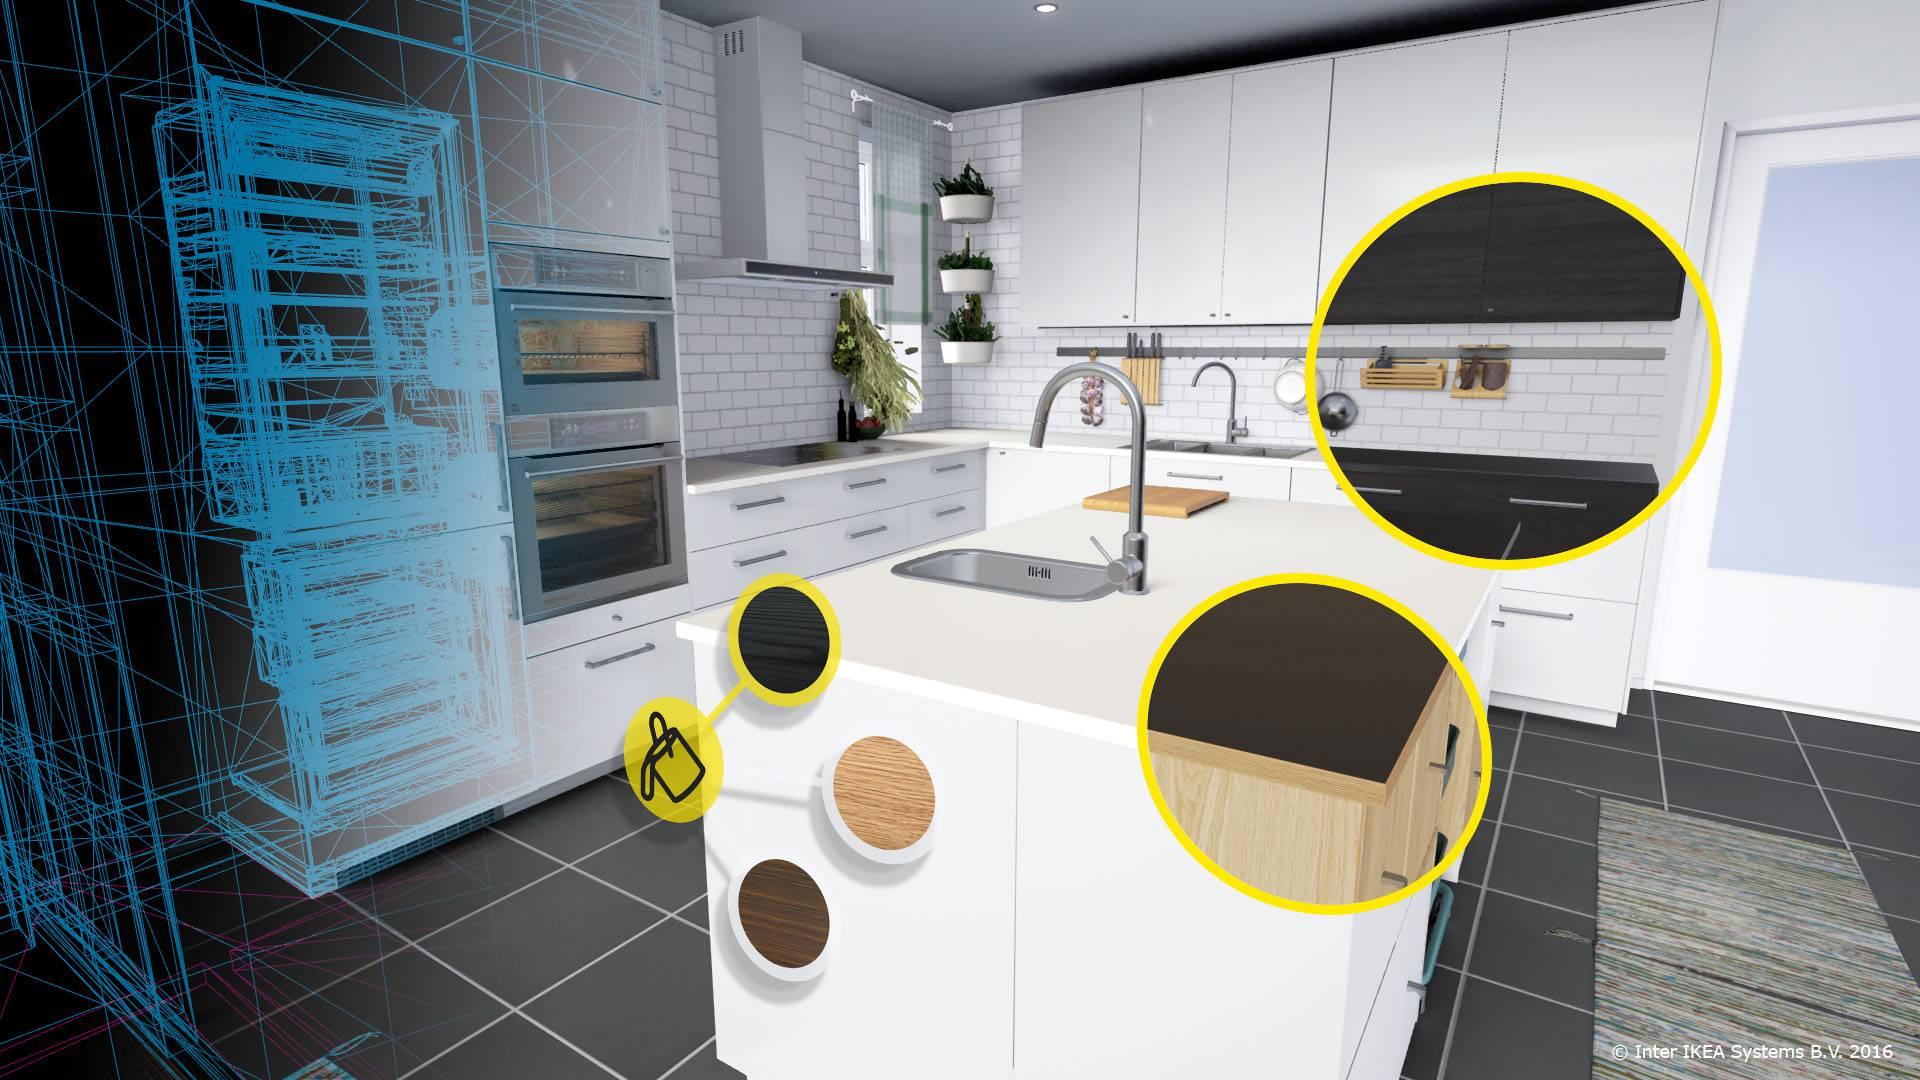 U virtualnoj stvarnosti sami dizajnirajte kuhinju iz snova